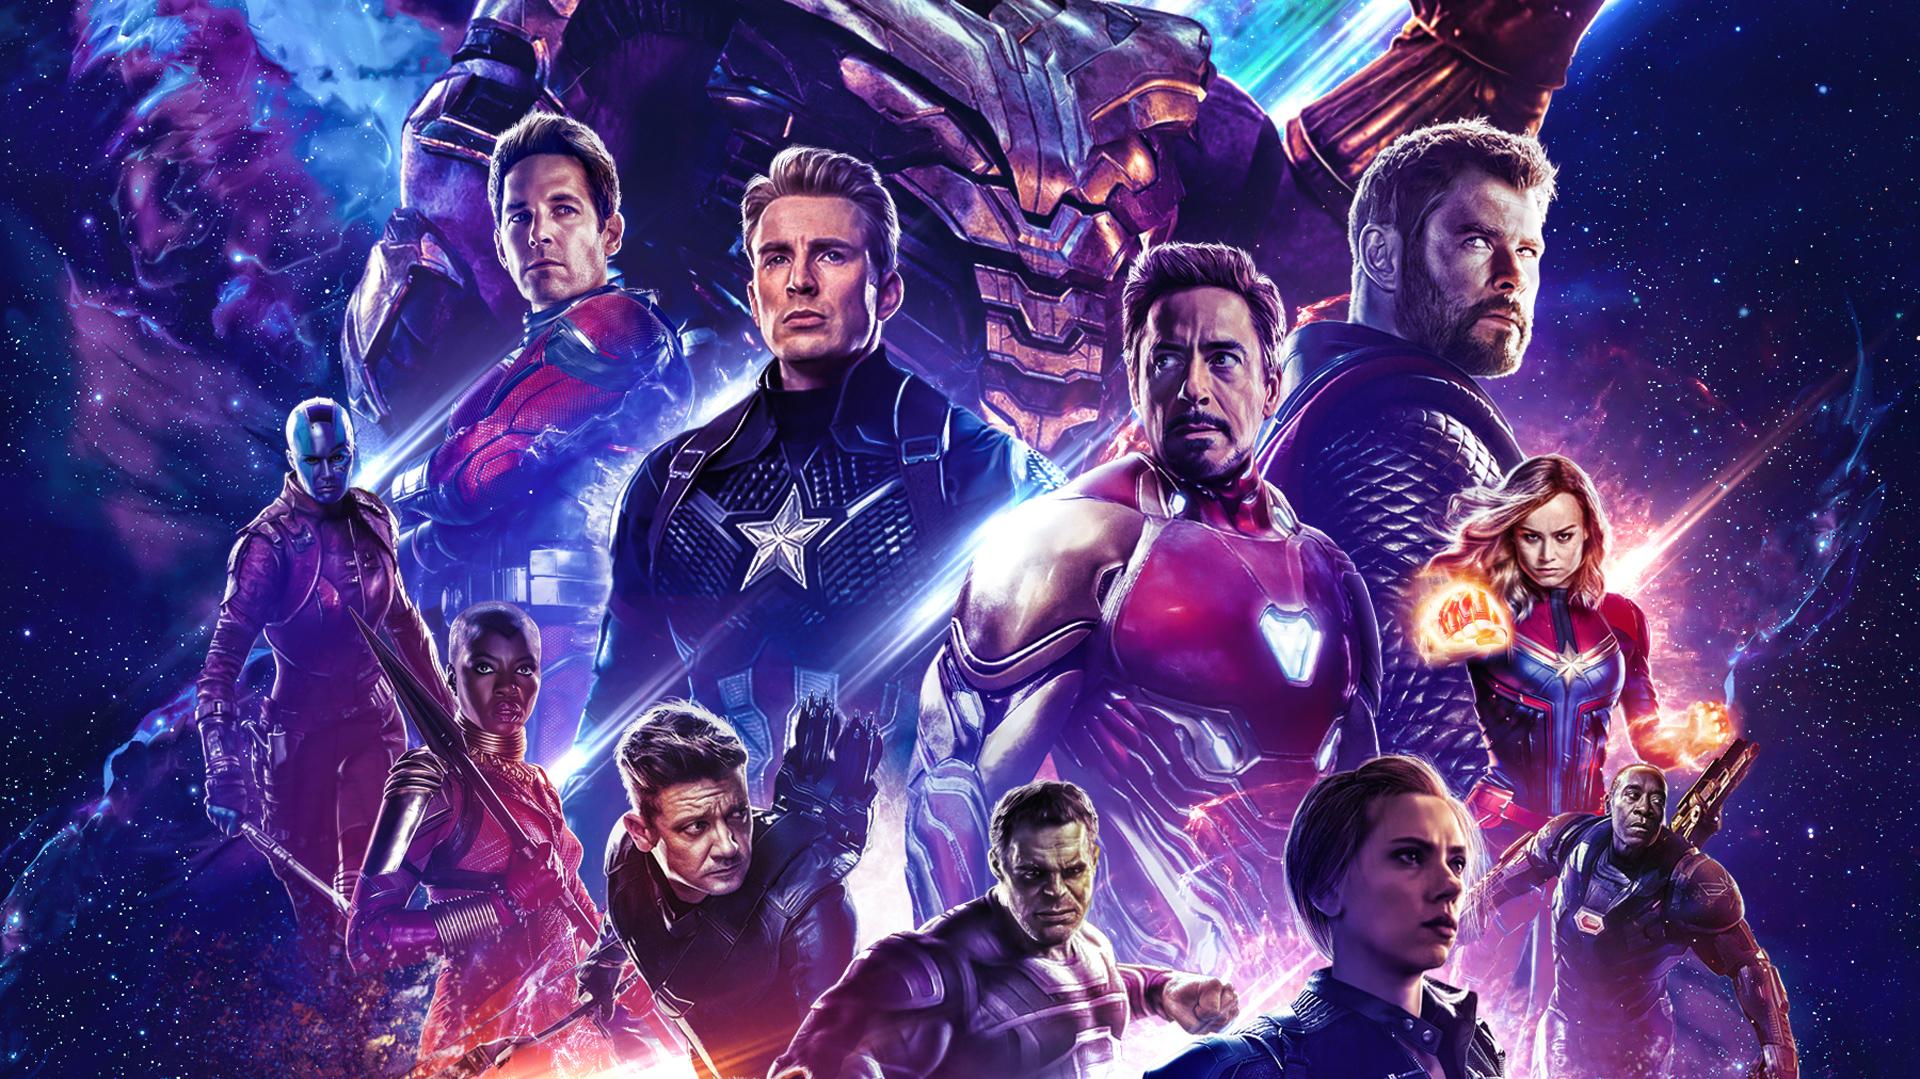 Movie Poster 2019: Poster Avengers Endgame 2019, HD Superheroes, 4k